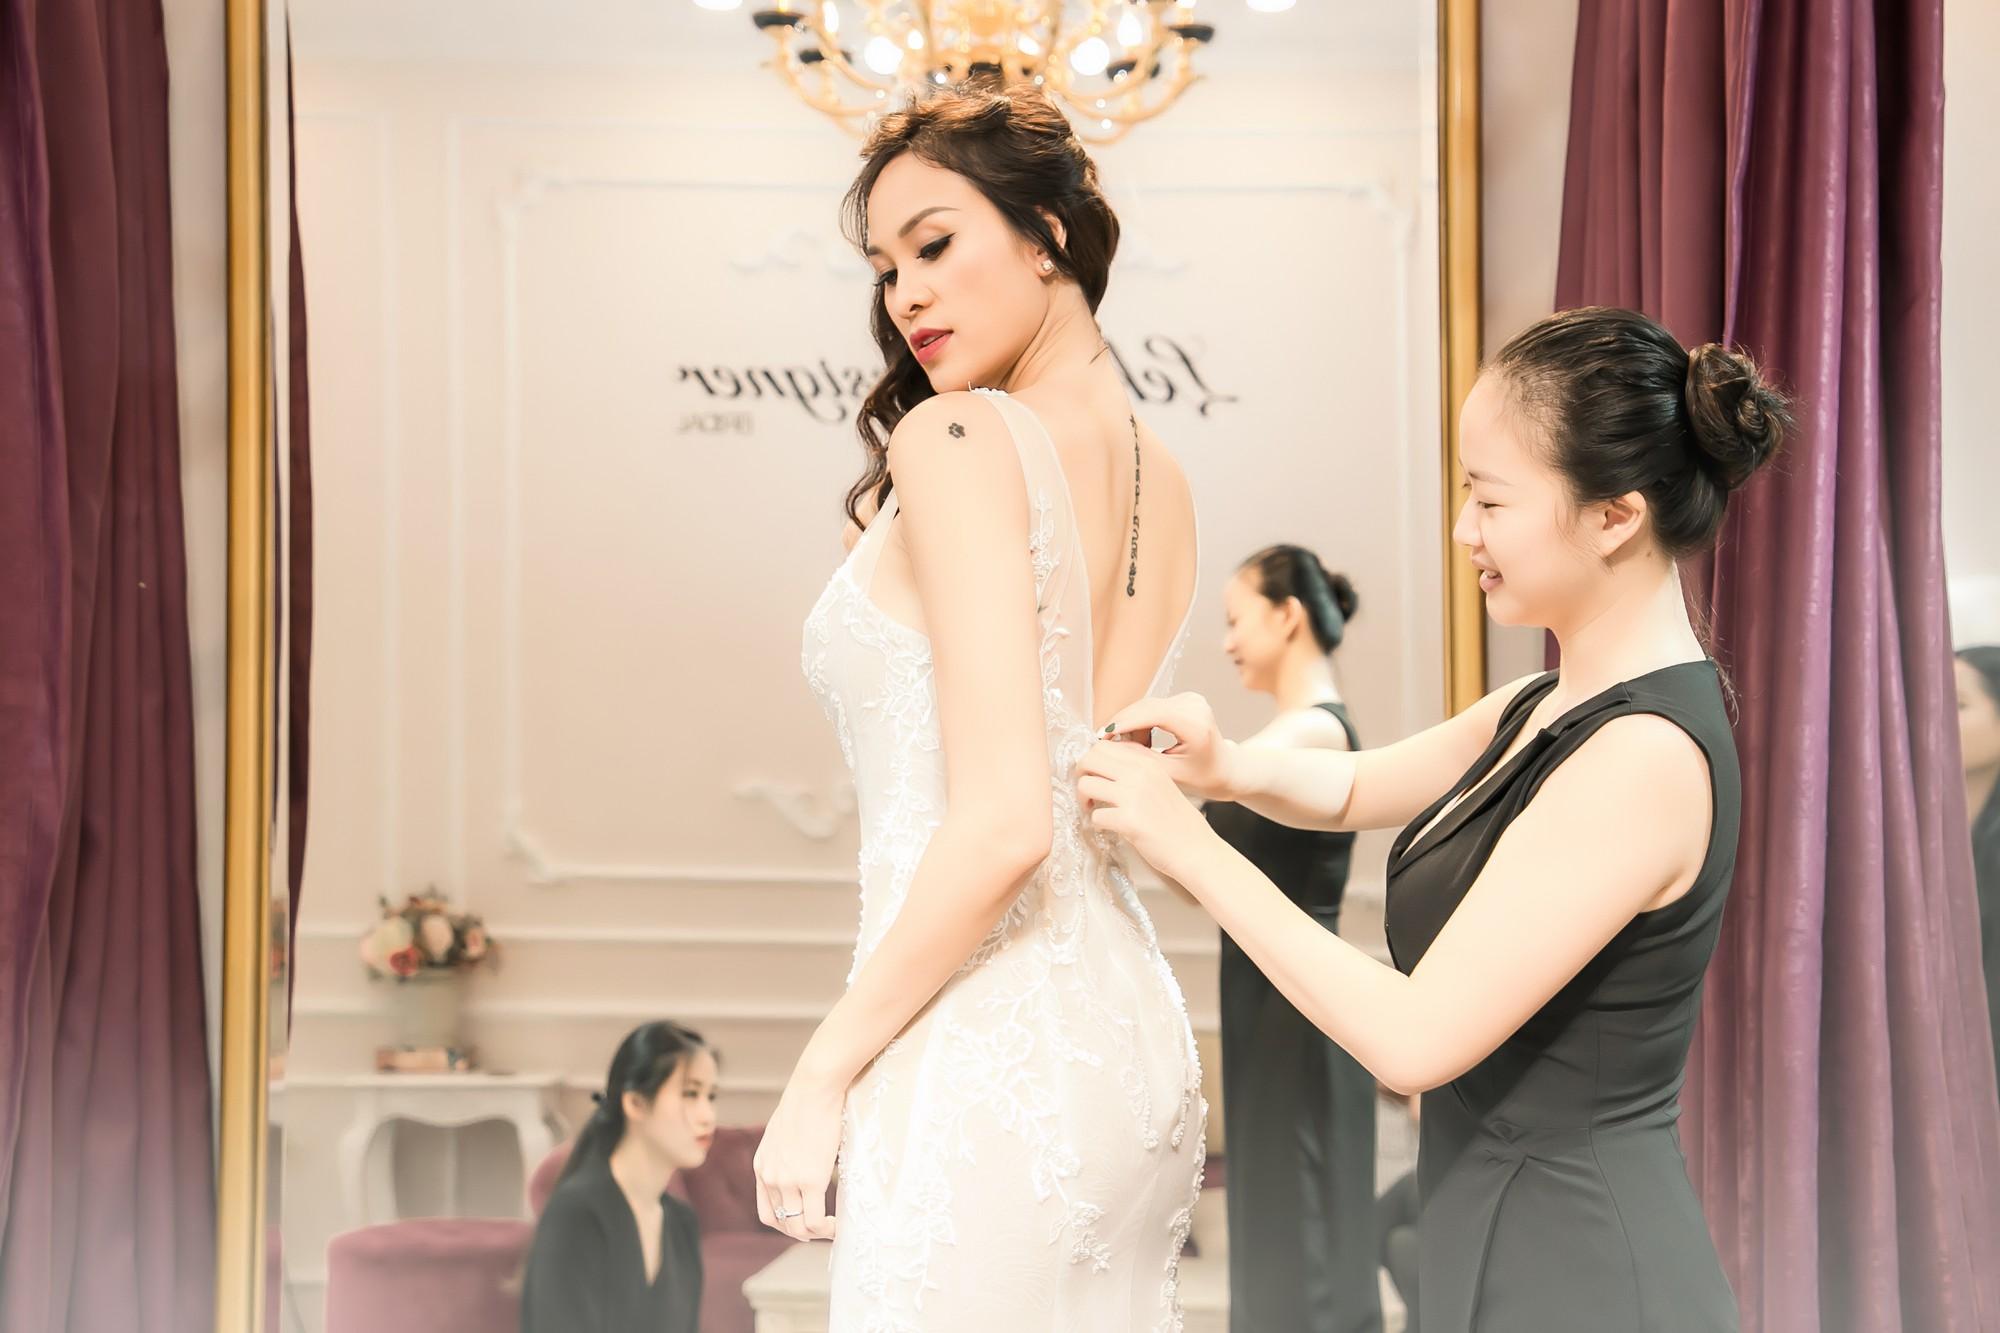 Chồng Tây gia thế khủng của Phương Mai diện áo phông giản dị, liên tục dành nhiều cử chỉ ngọt ngào cho vợ  - Ảnh 2.